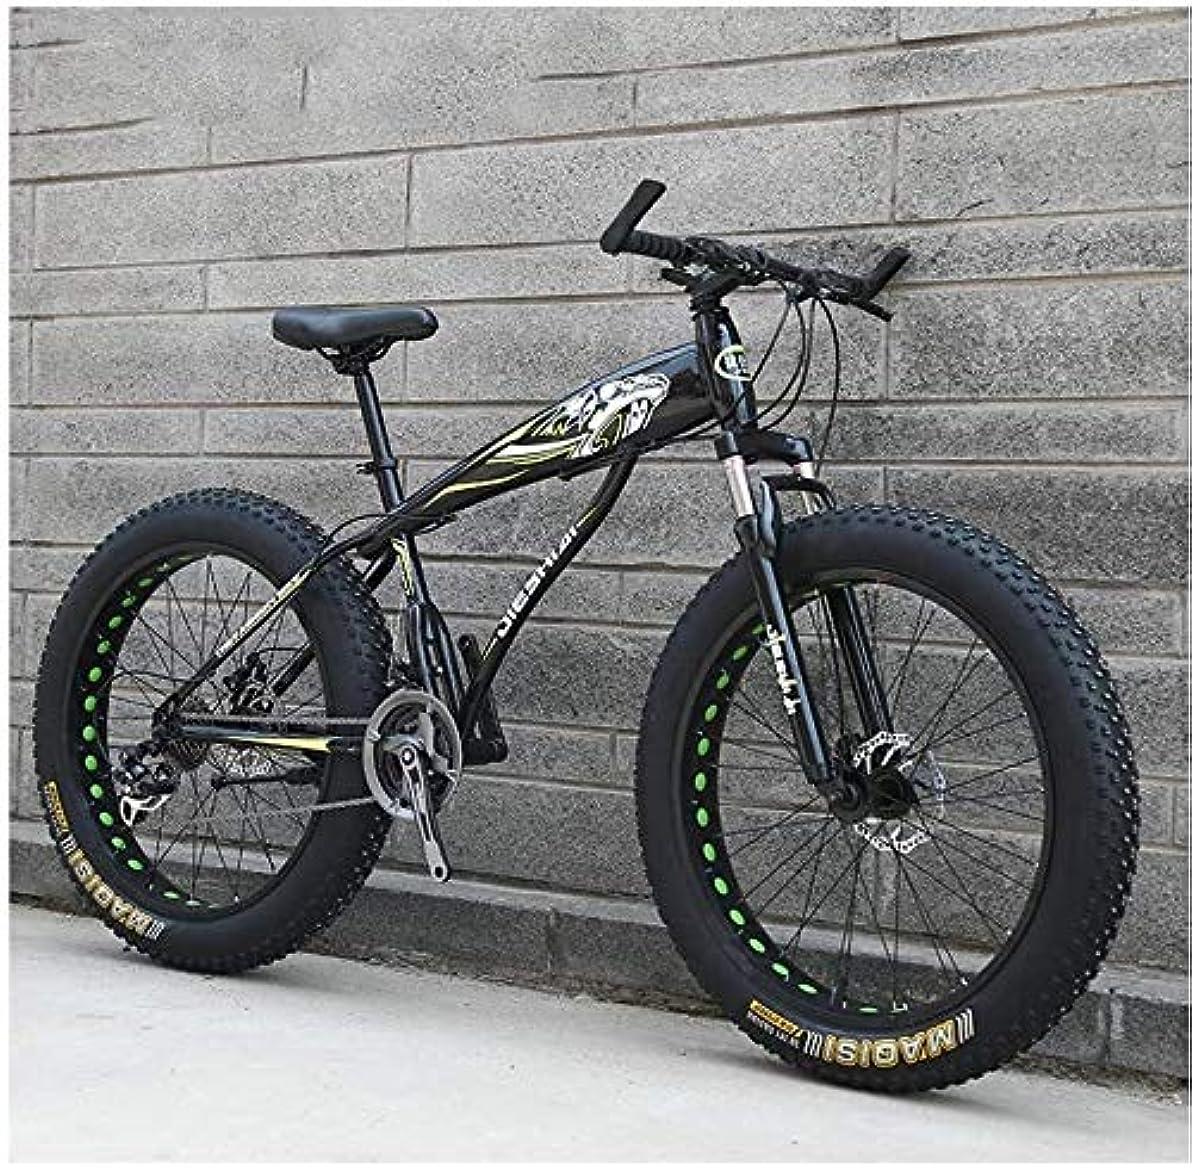 風邪をひく満了アカデミー大人のマウンテンバイク、男の子女の子ファットタイヤマウンテントレイルバイク、デュアルディスクブレーキハードテイルマウンテンバイク、高炭素鋼のフレーム、自転車 YCHAOYUE (Color : Yellow C, Size : 24 Inch 27 Speed)